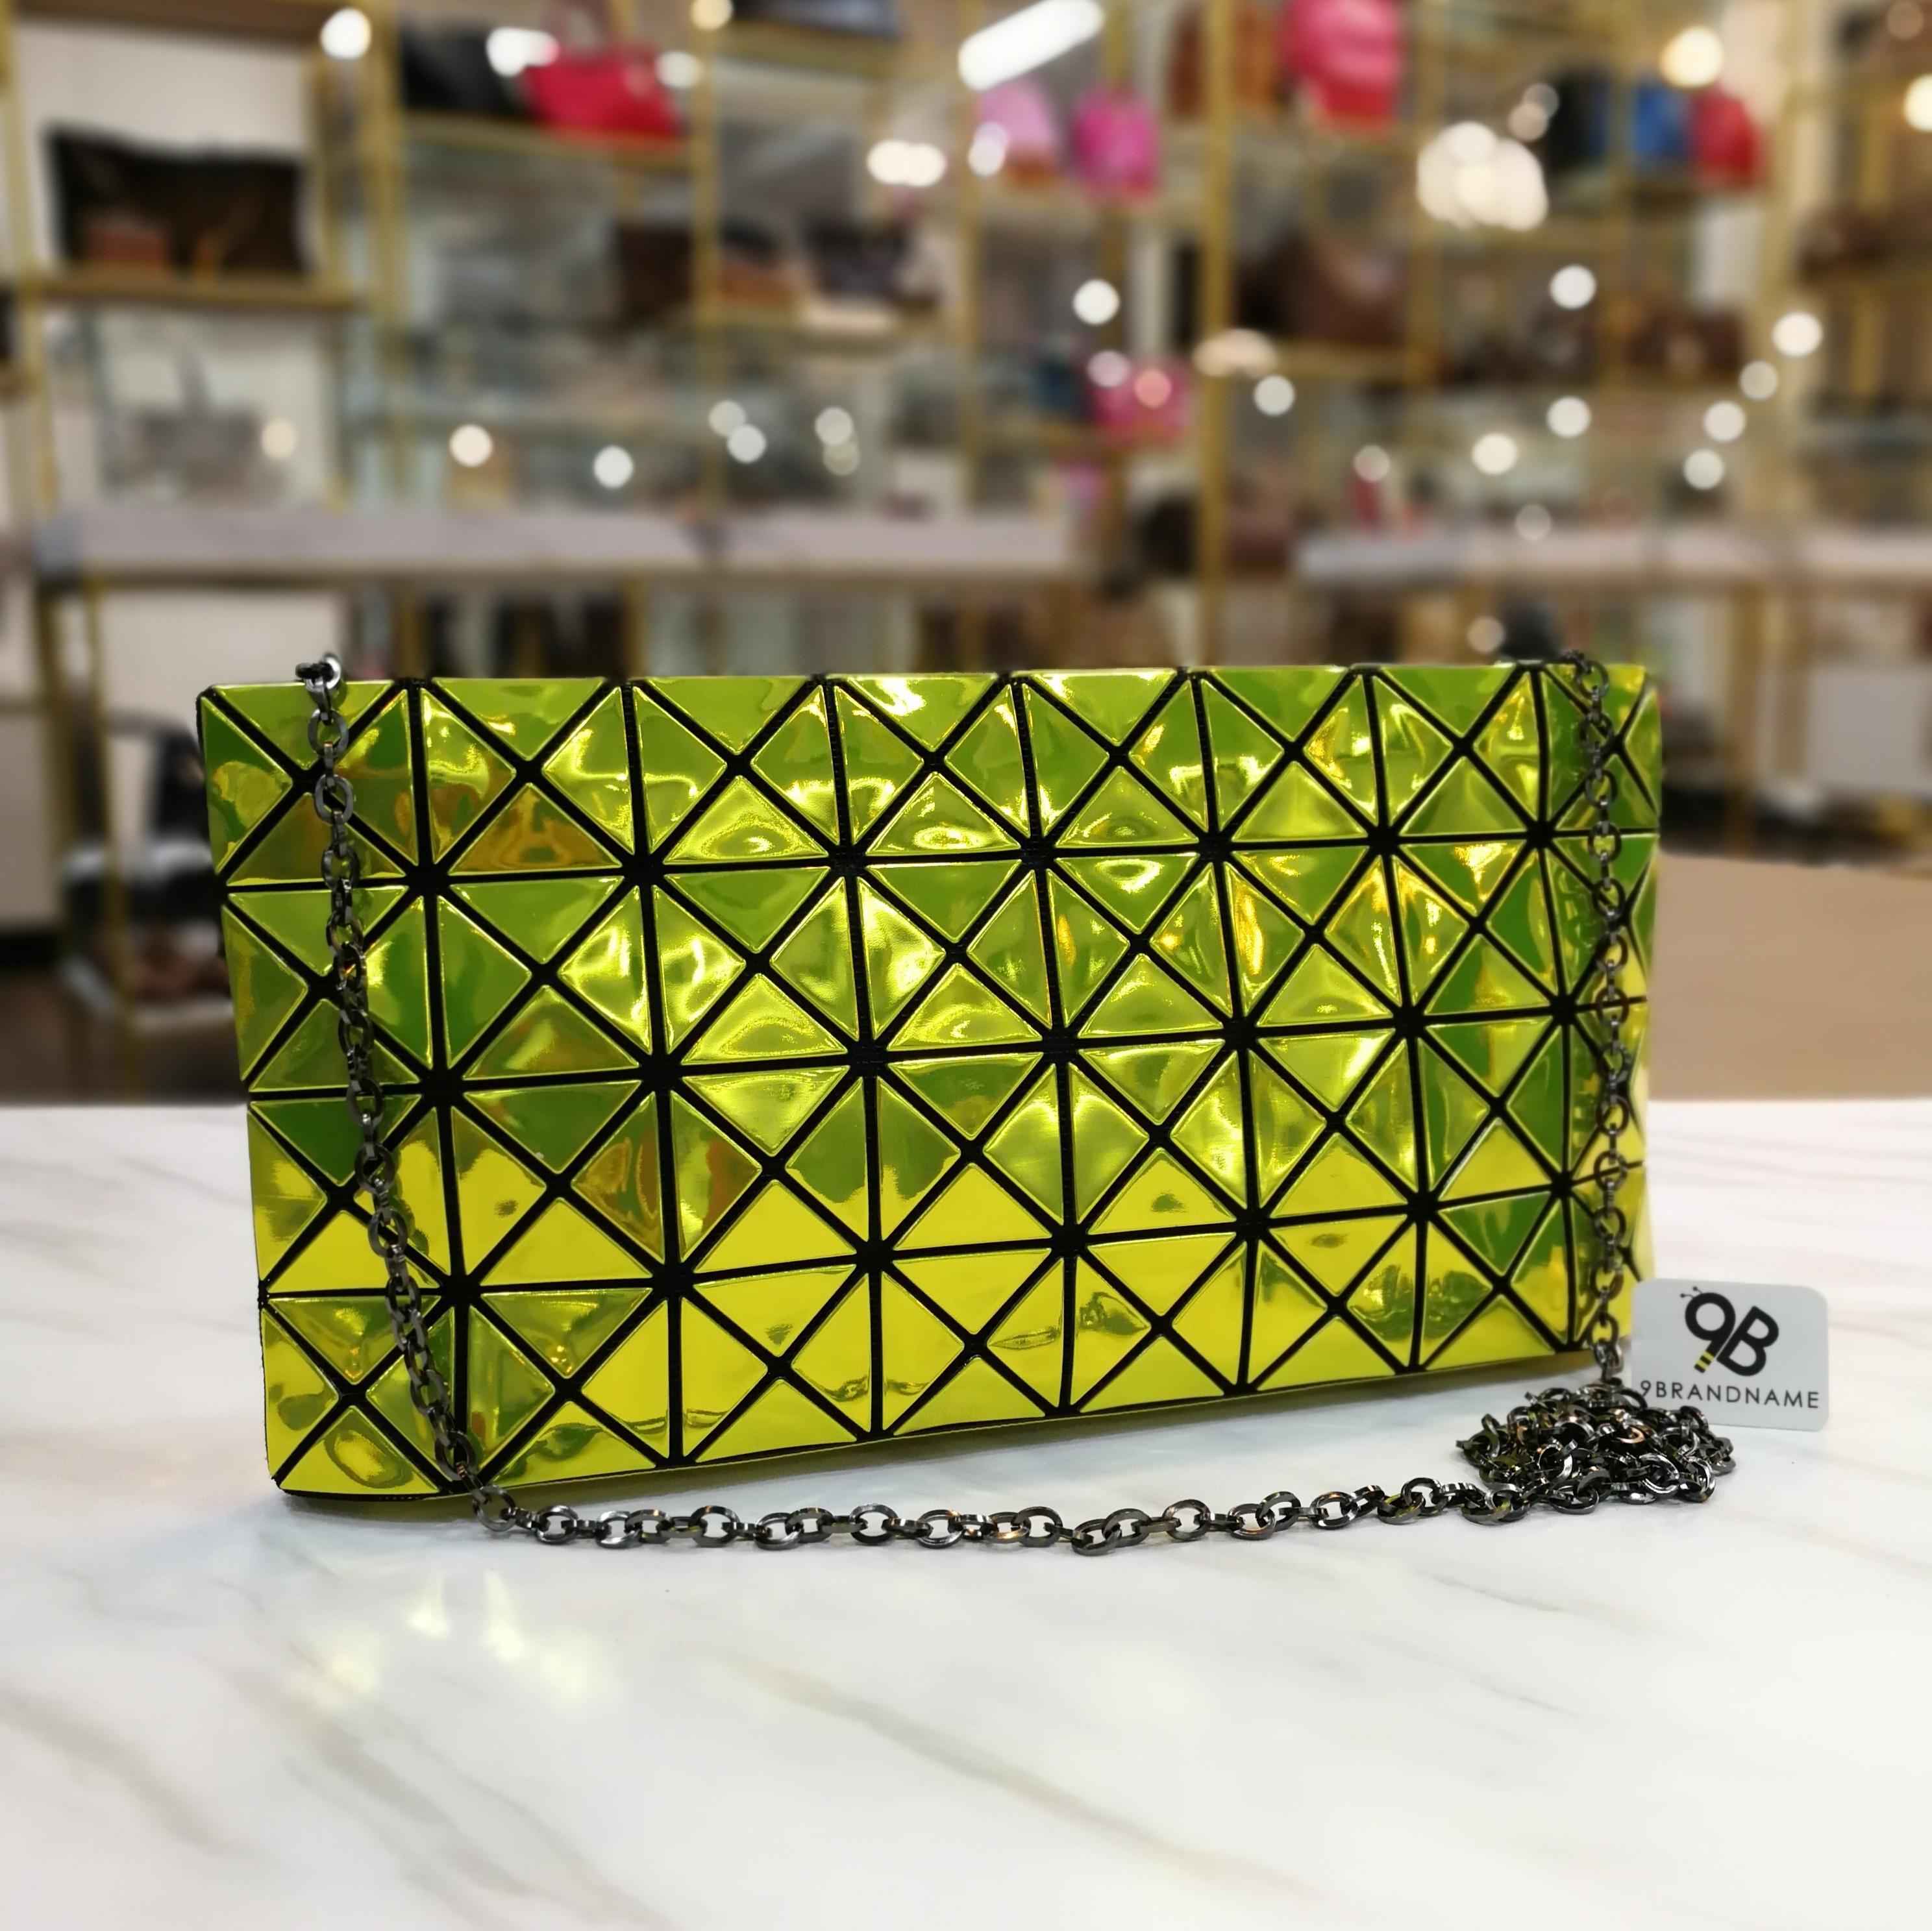 Issey Miyake Bao Bao Crossbody Chain 8x4 Platinum Green Yellow